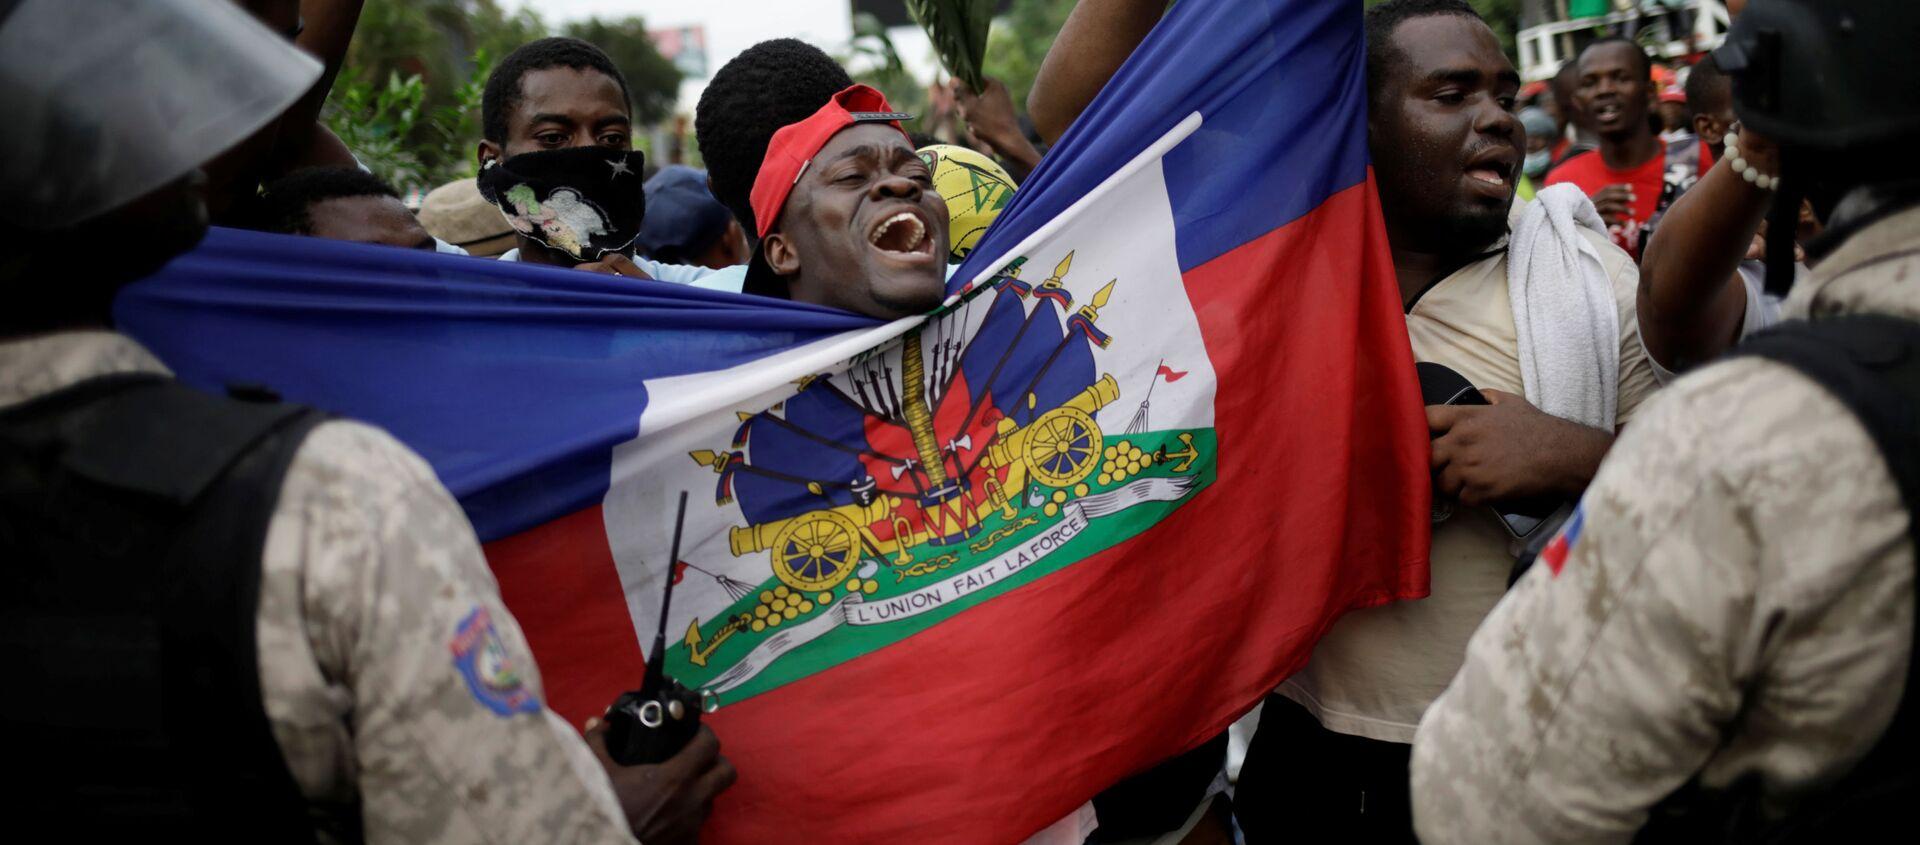 Protestas en Haití - Sputnik Mundo, 1920, 08.11.2019